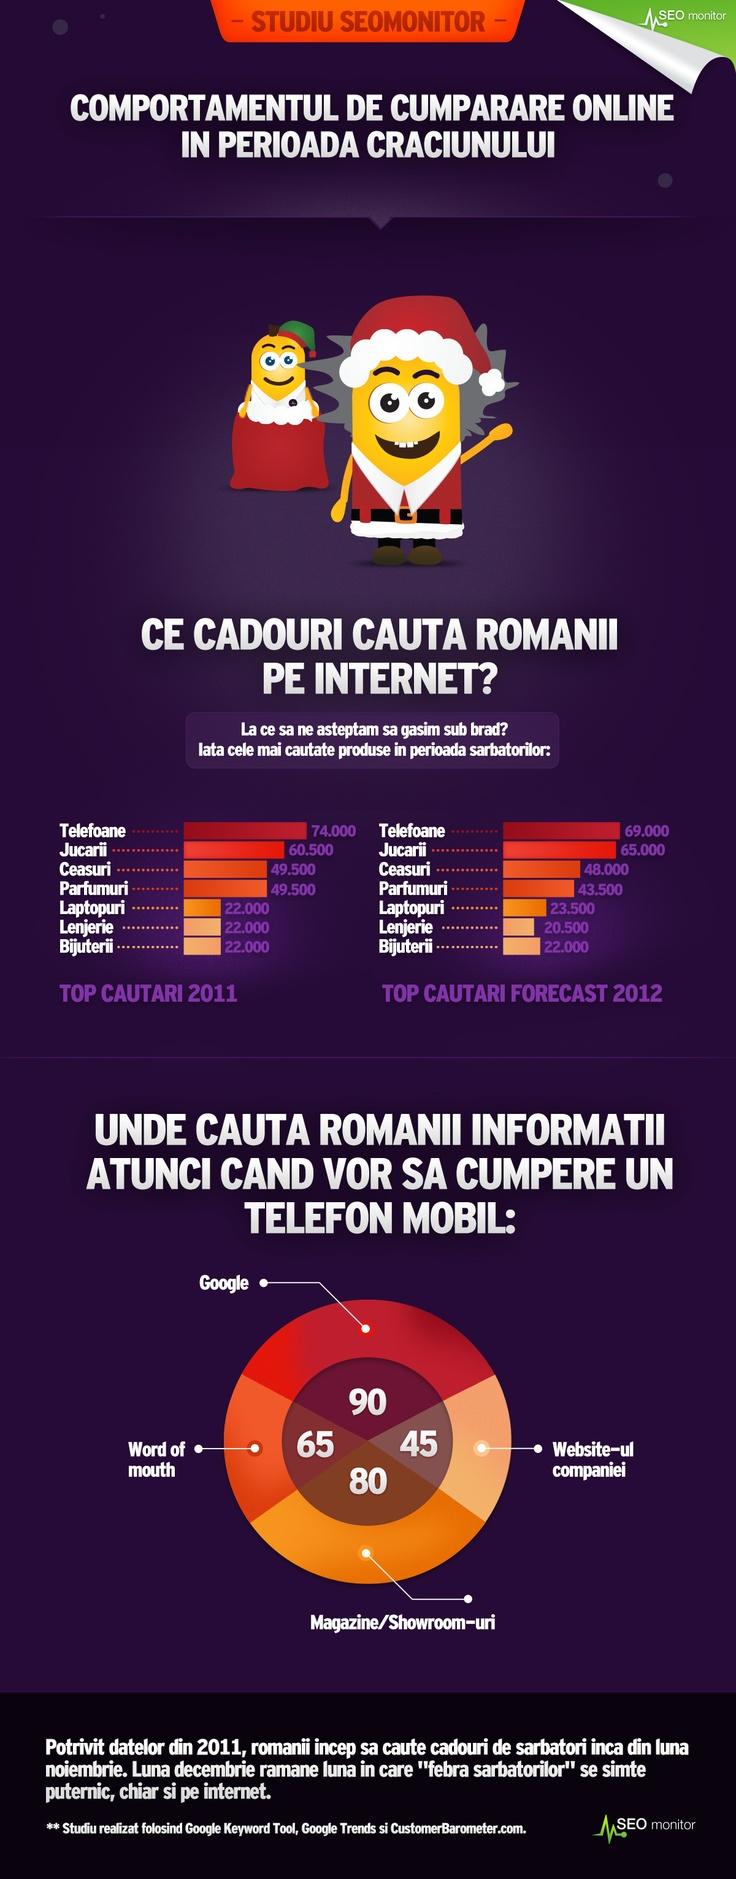 Infografic - Comportamentul de cumparare online in perioada Craciunului